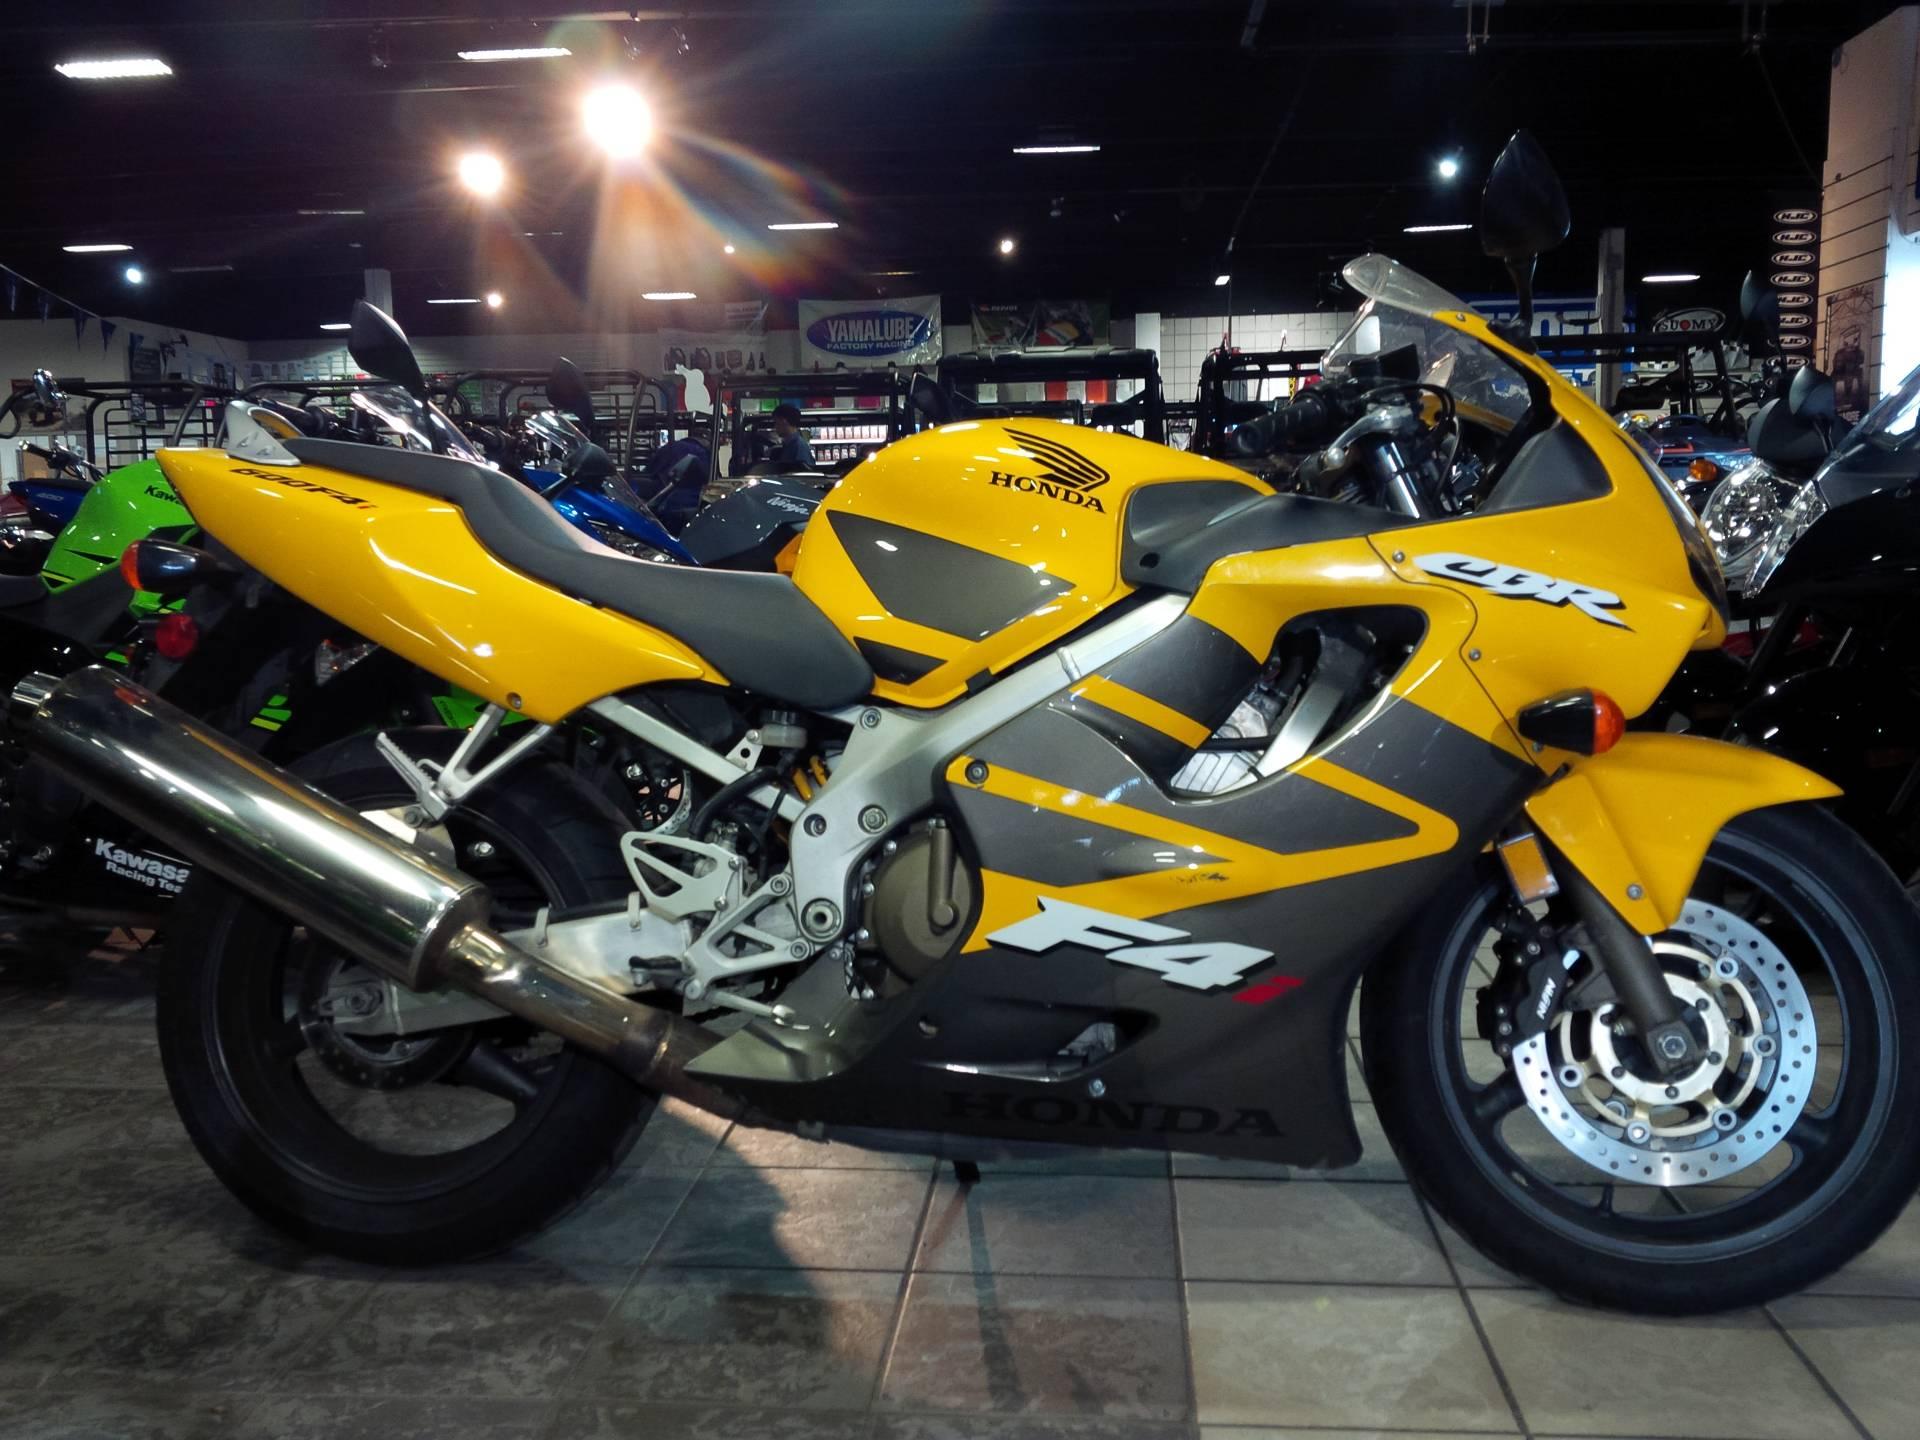 2006 honda cbr600f4i for sale